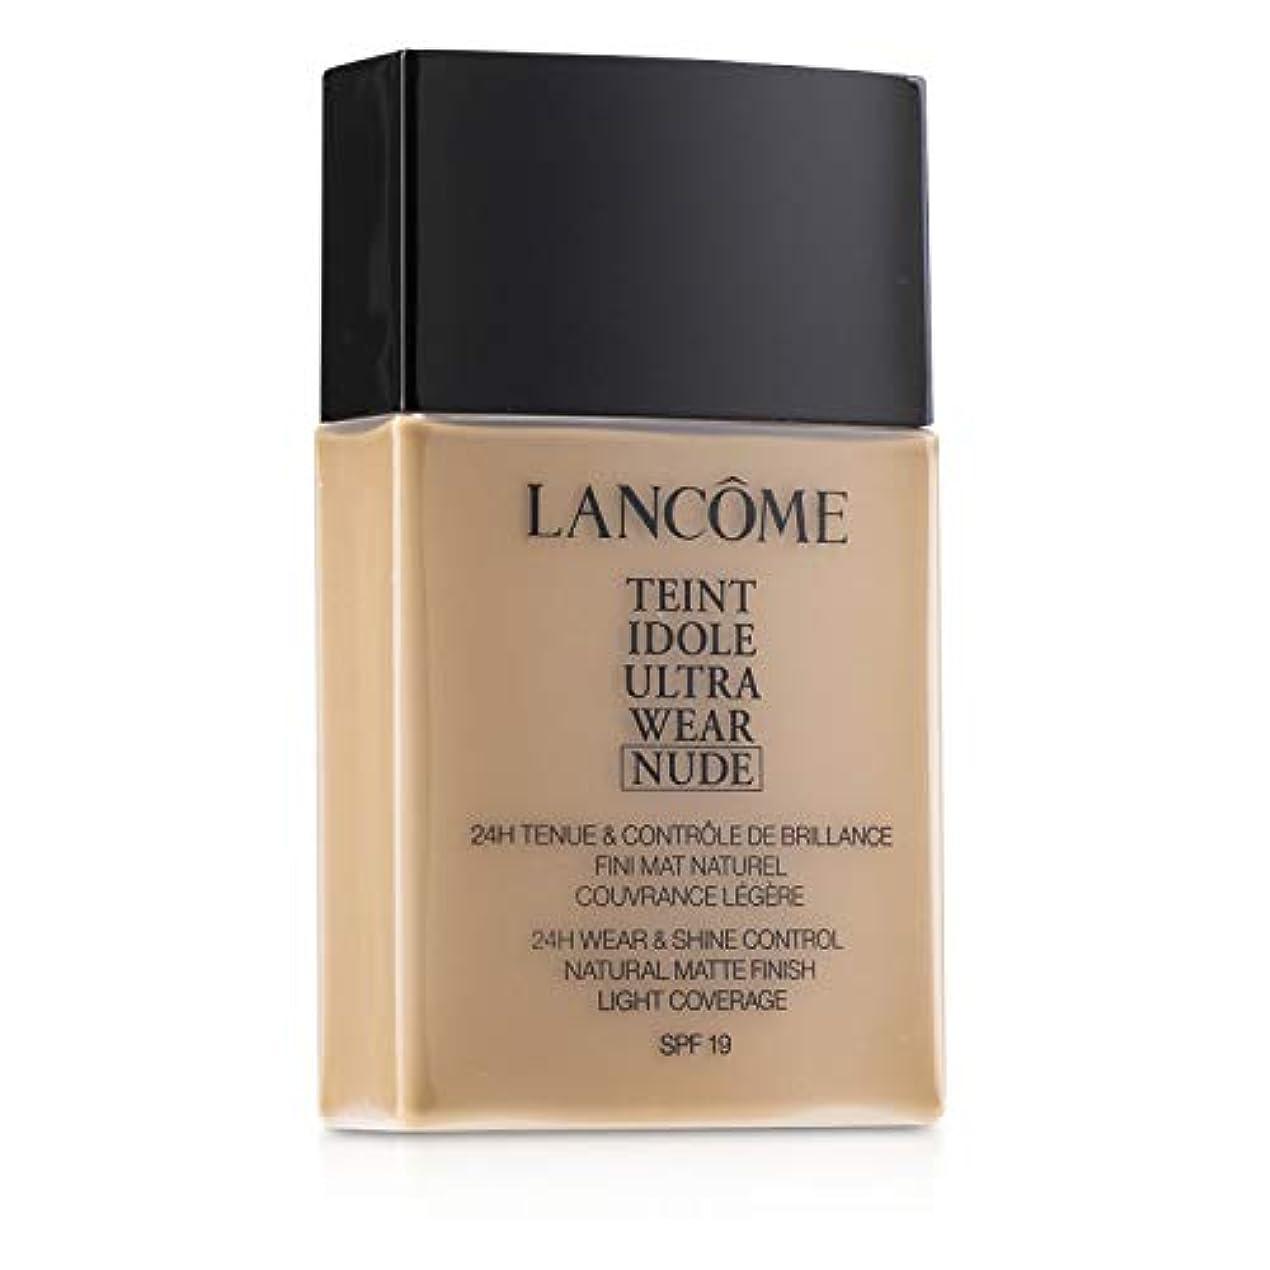 見物人原告我慢するランコム Teint Idole Ultra Wear Nude Foundation SPF19 - # 055 Beige Ideal 40ml/1.3oz並行輸入品